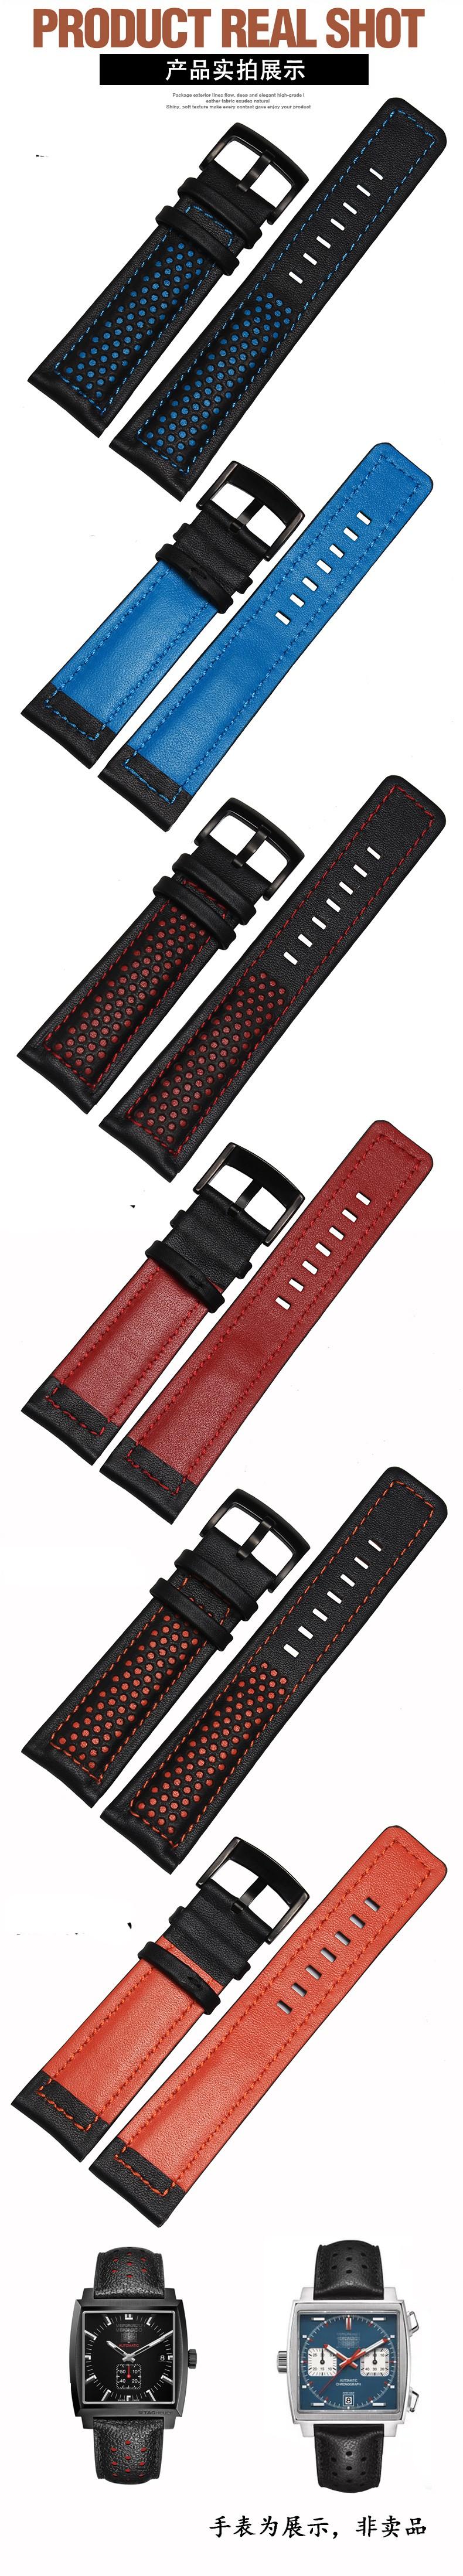 2016 Новый Оригинал Мода мужские Часы Кожаный Пояс Смотреть Band Черный Красный Кожаный Ремешок Аксессуары Смотреть Band